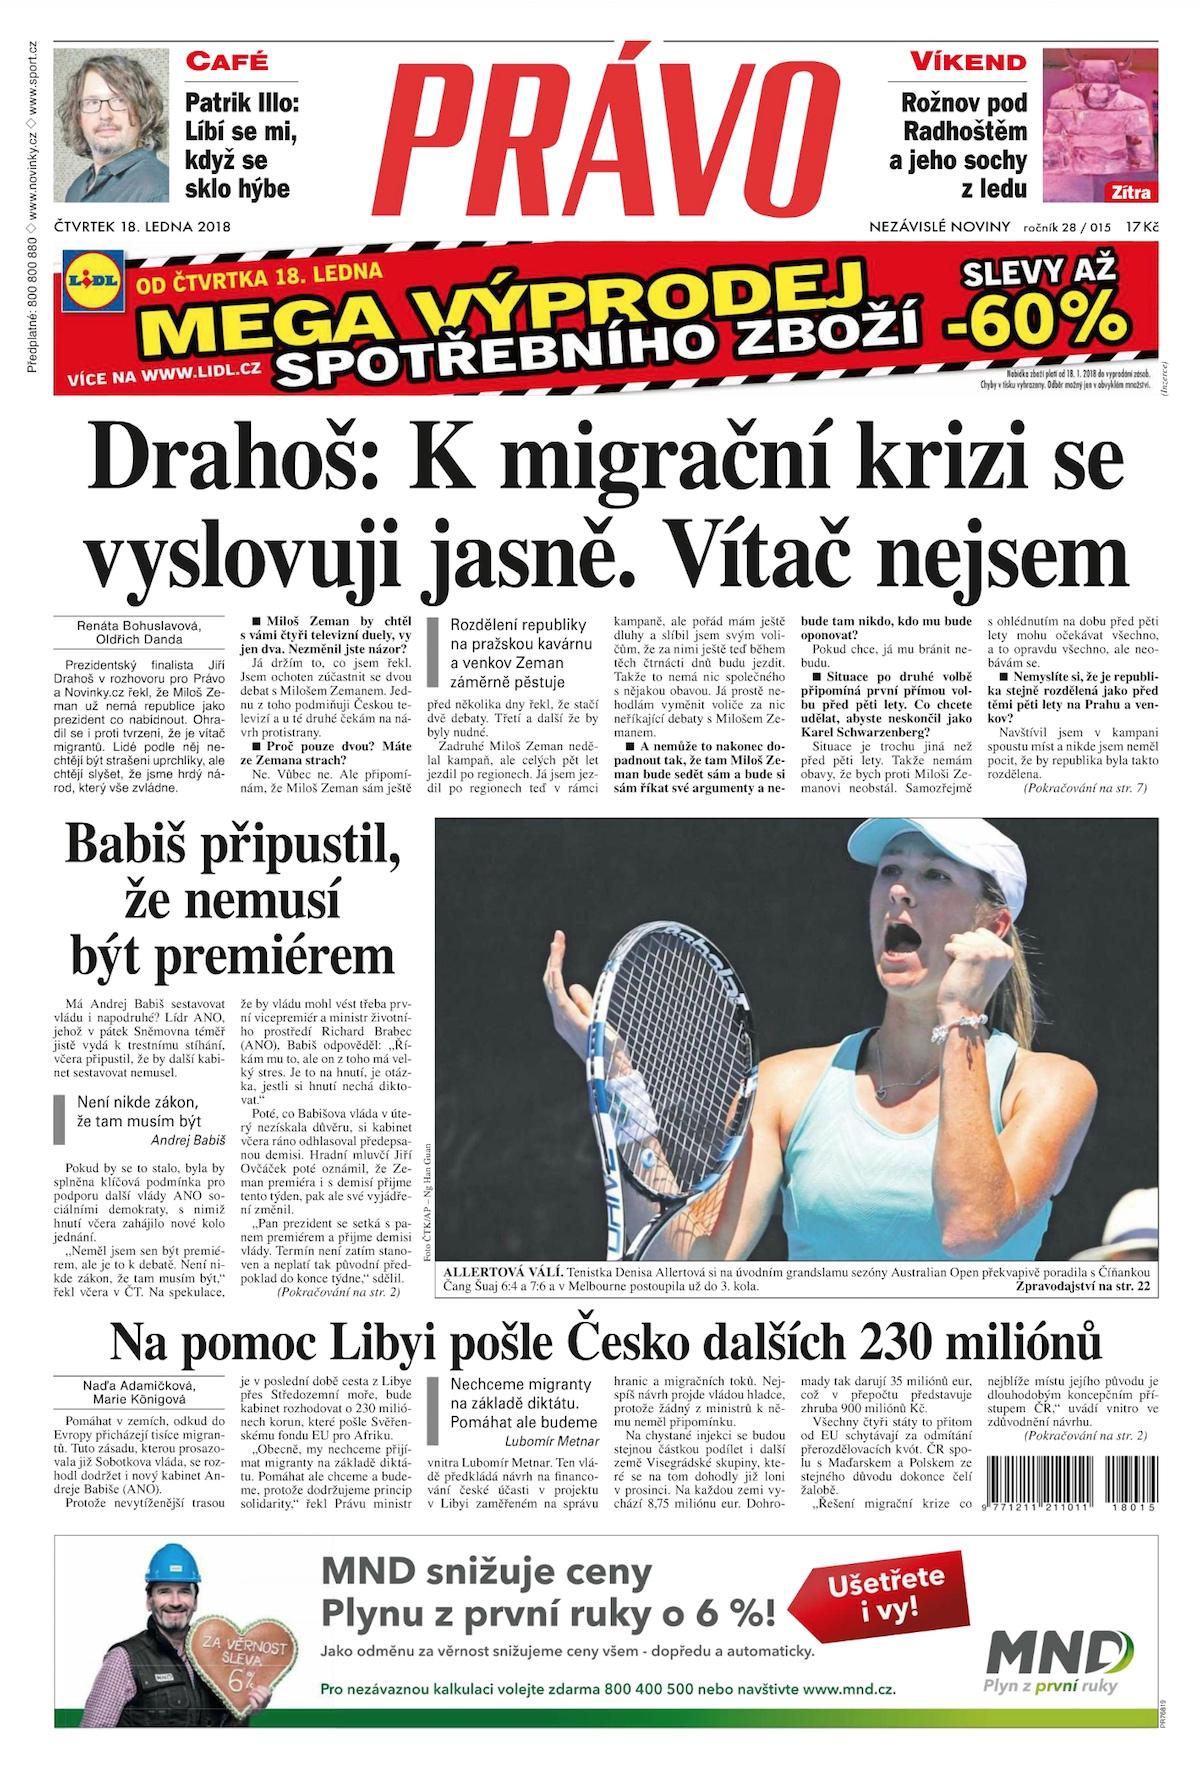 Vydání Práva z 18. ledna otvírá rozhovorem s Jiřím Drahošem